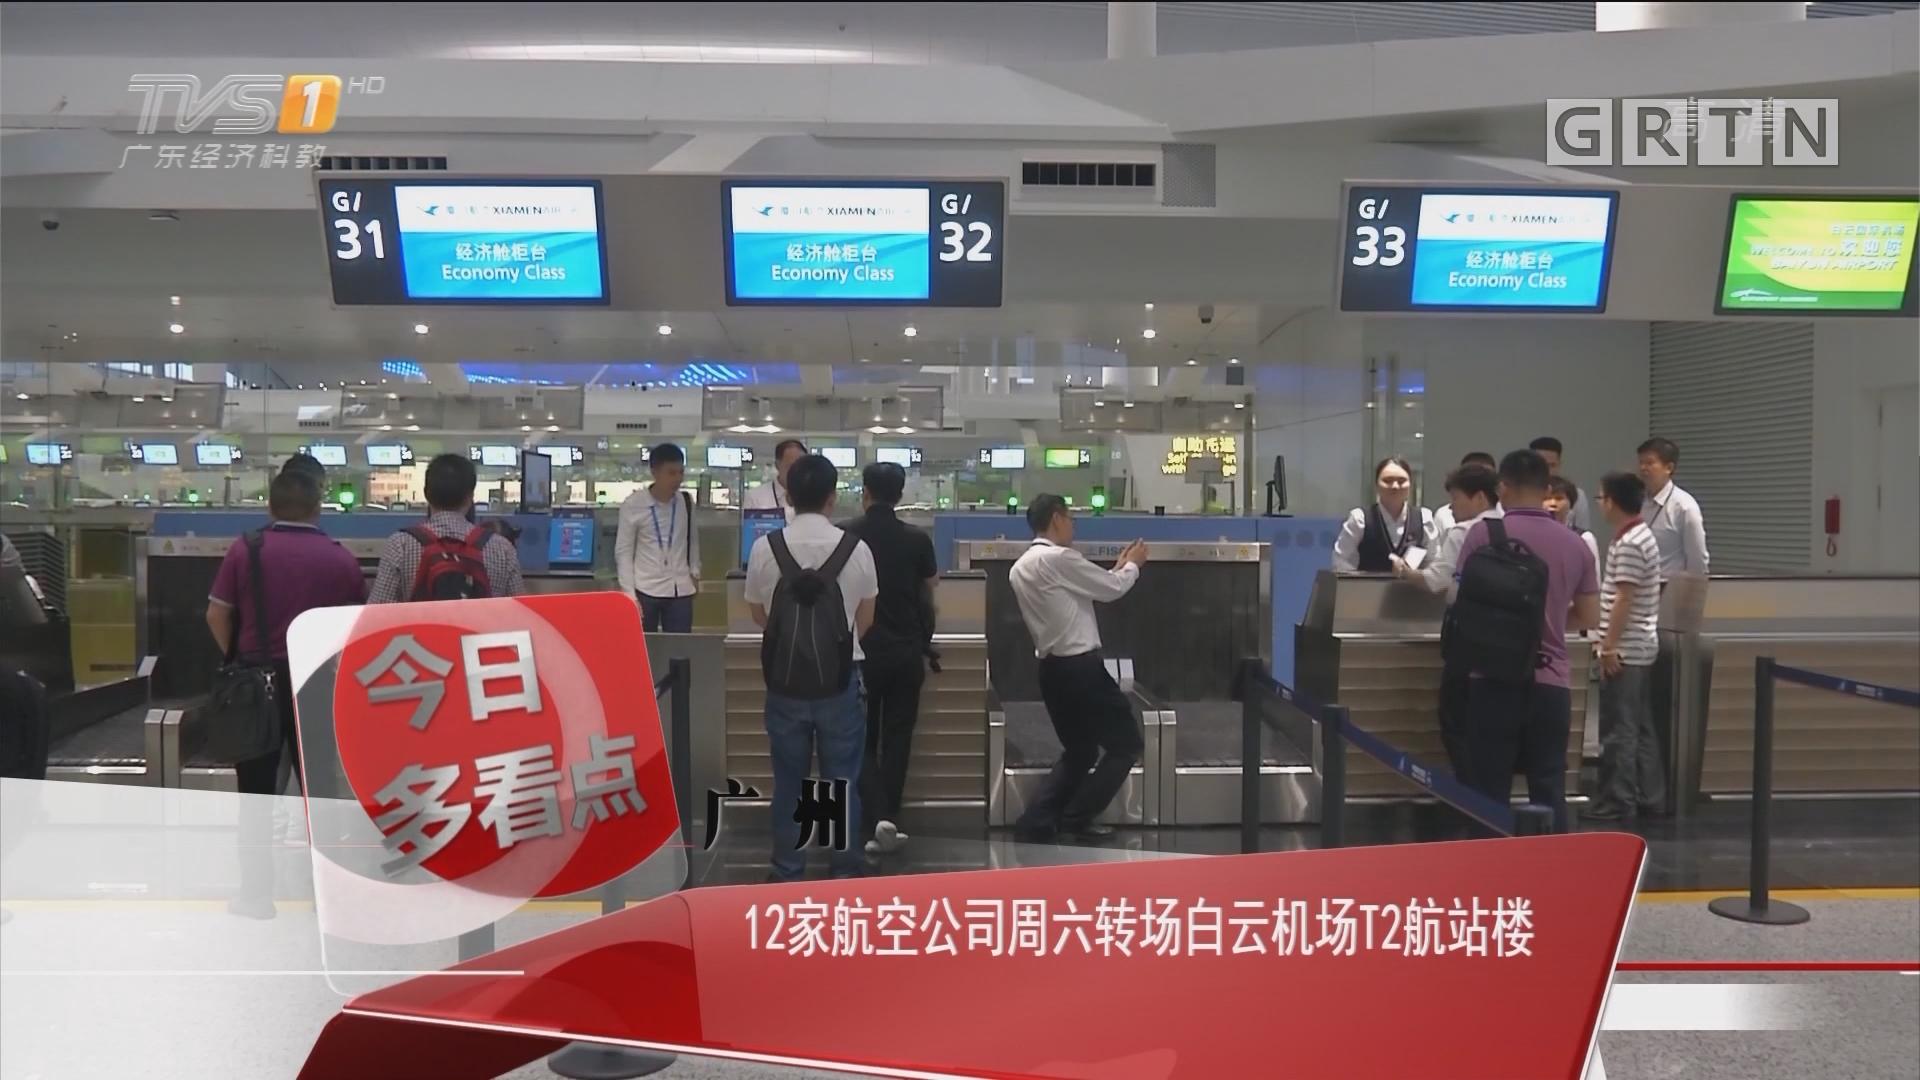 广州:12家航空公司周六转场白云机场T2航站楼